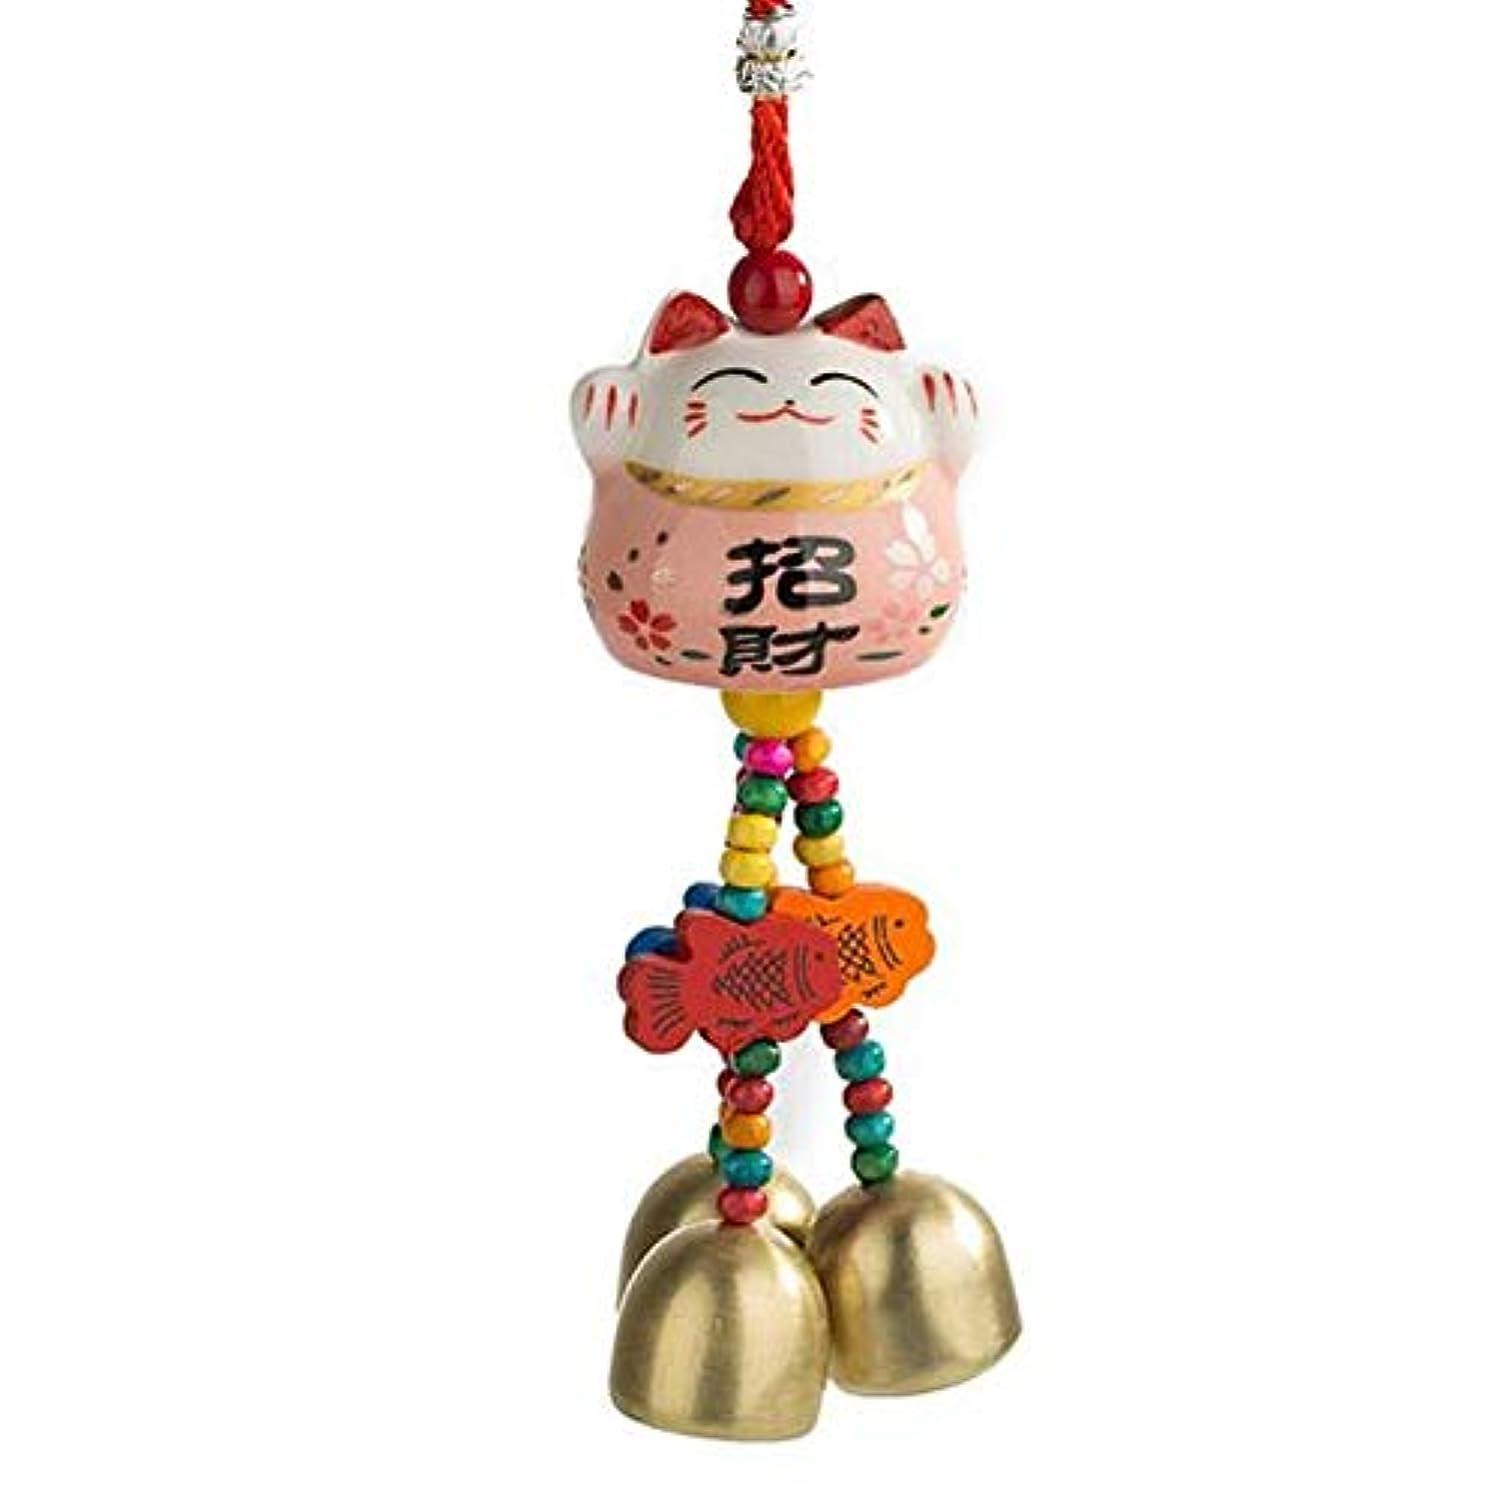 脱走意味のあるトライアスロンAishanghuayi 風チャイム、かわいいクリエイティブセラミック猫風の鐘、赤、長い28センチメートル,ファッションオーナメント (Color : Pink)